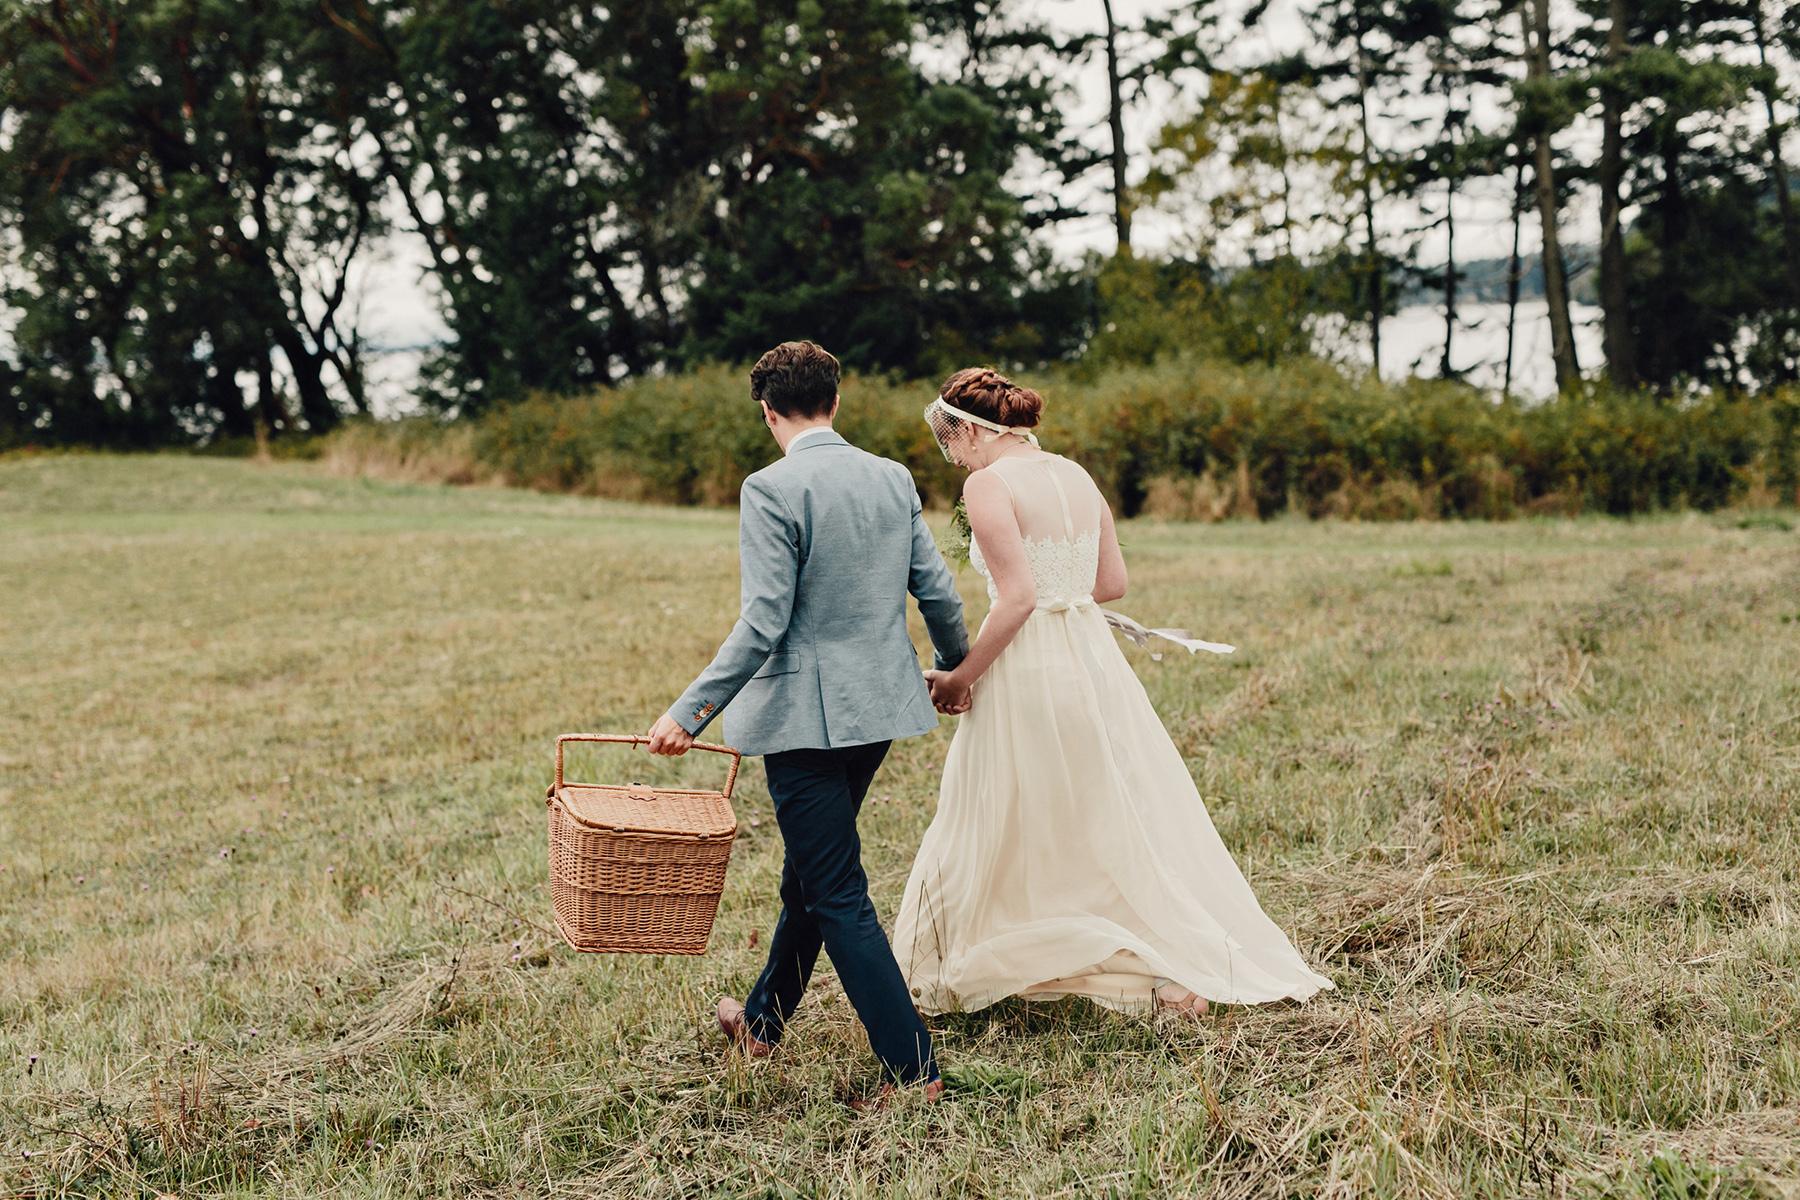 Glenrosa-Farms-Wedding-Photos-0191.jpg